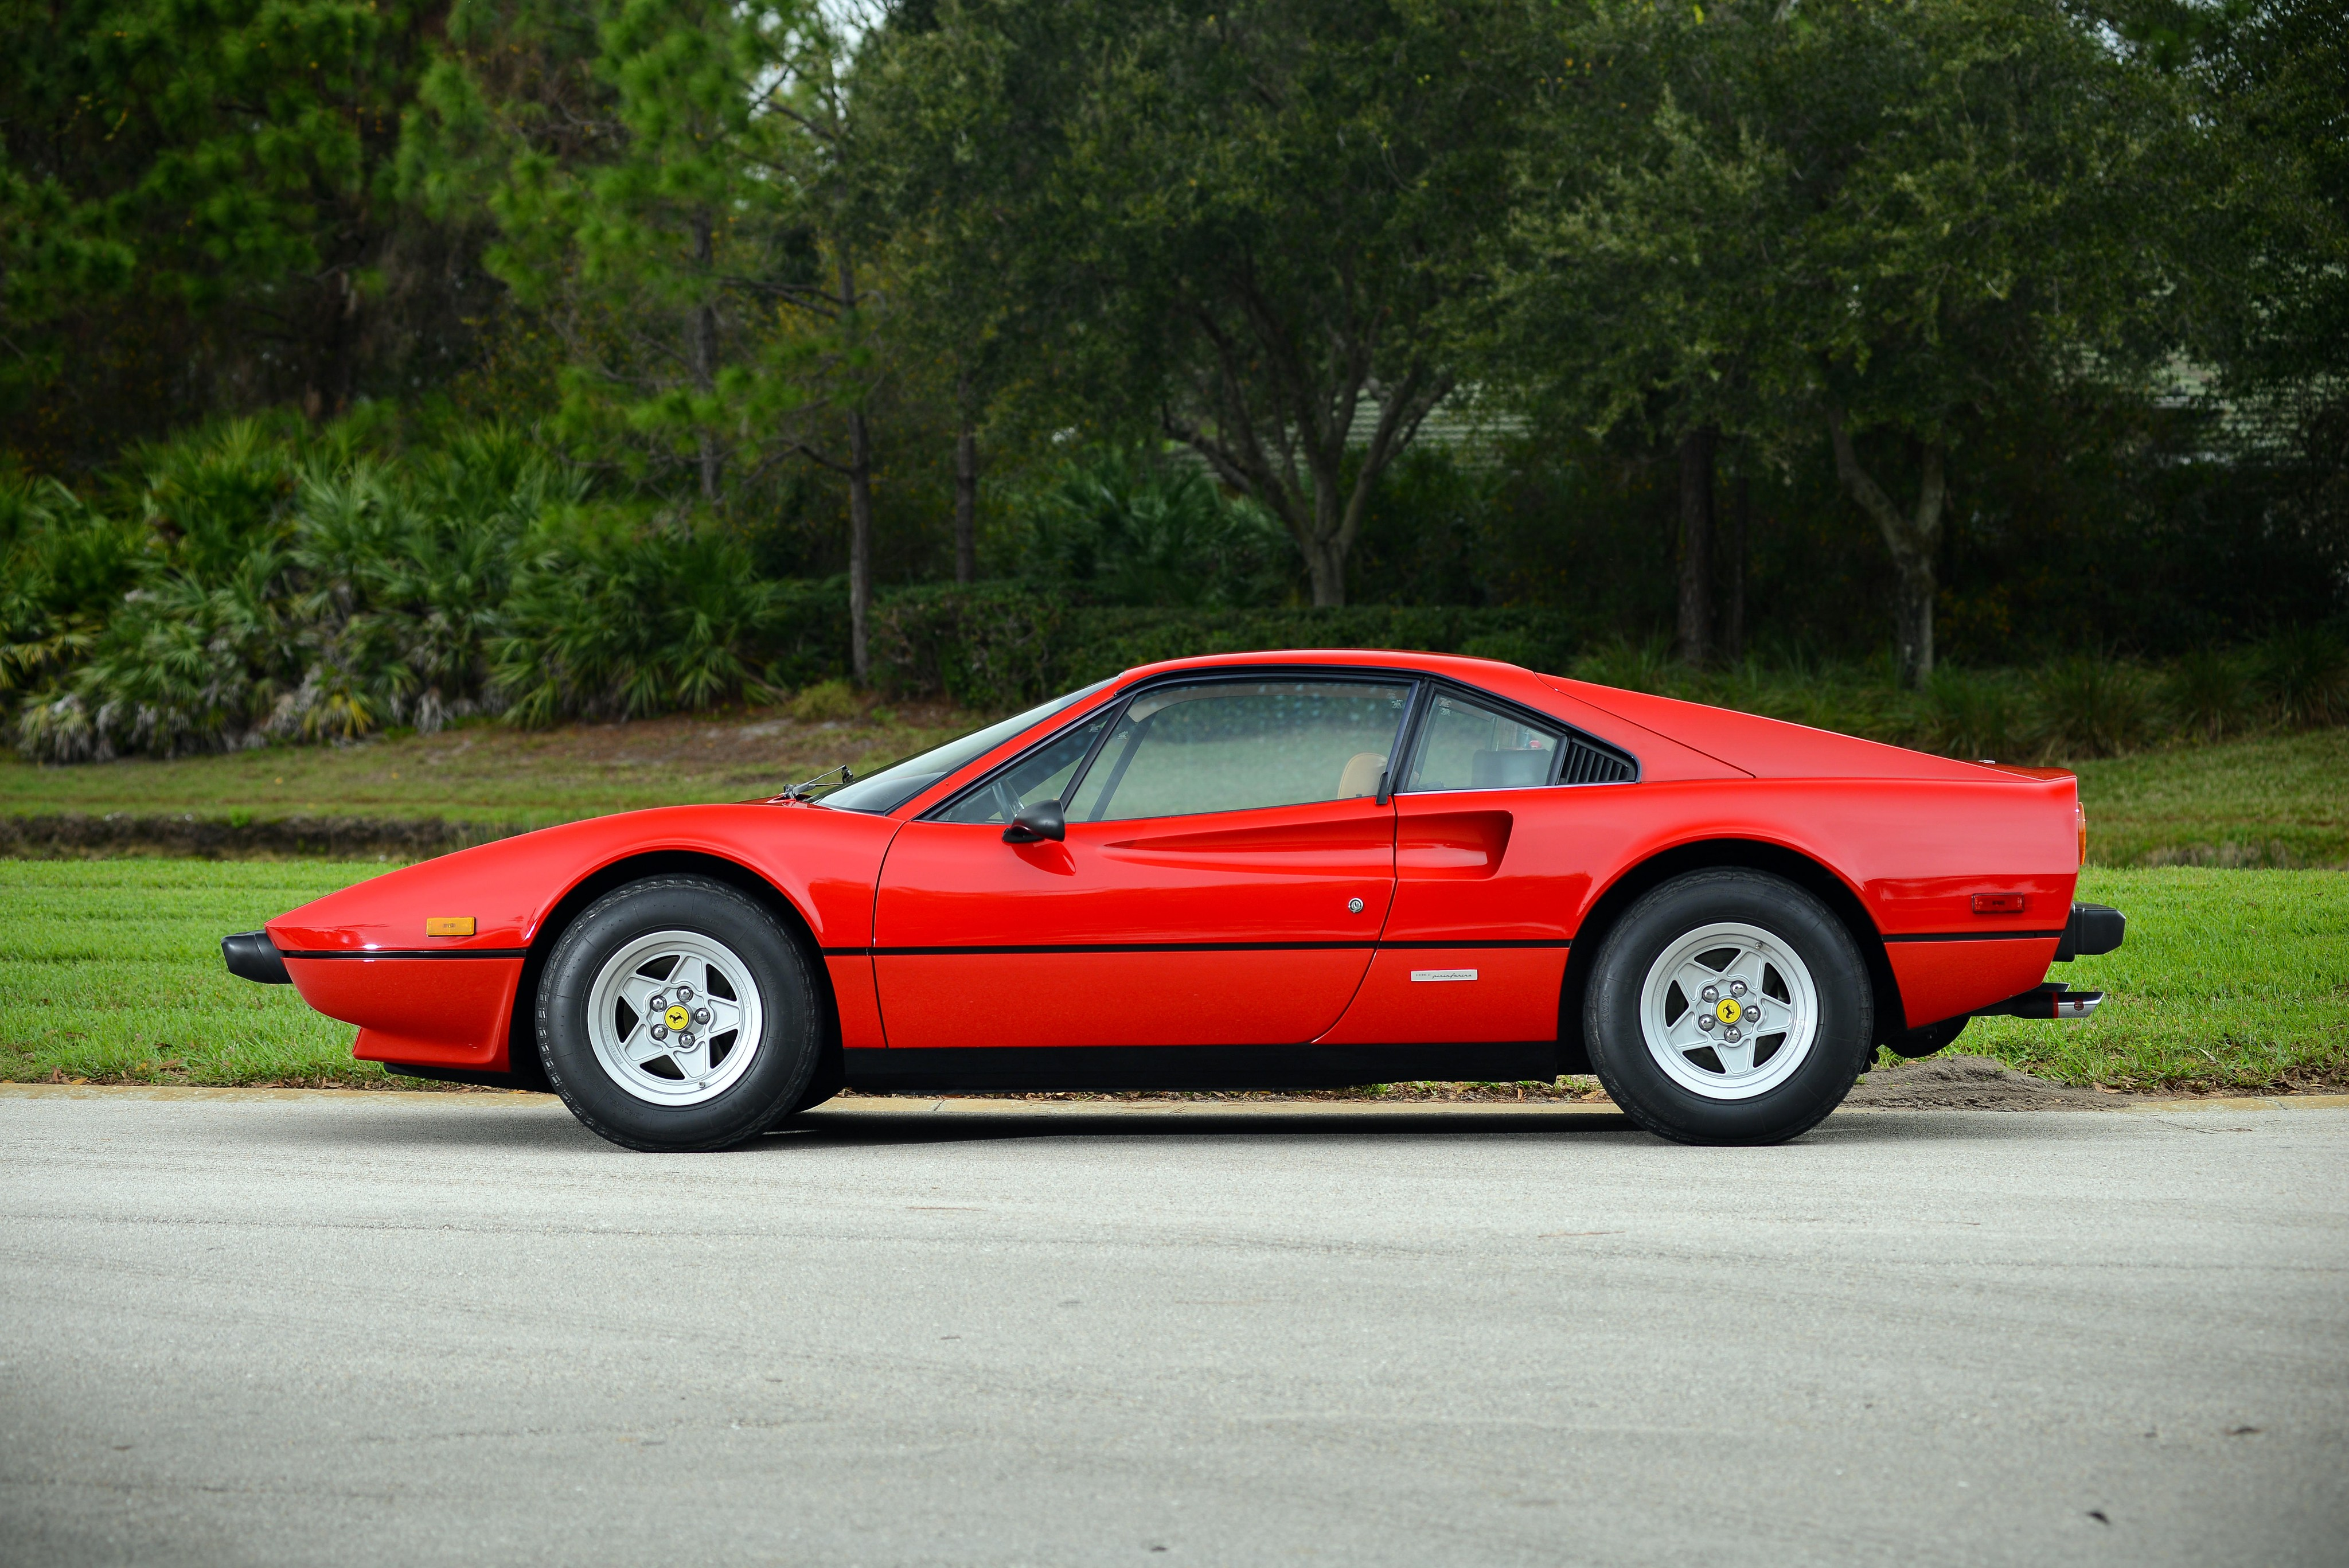 308 Ferrari moreover 48 271 07 in addition 1980 Ferrari 308 Gtb Pictures C19335 pi13273798 likewise FE79 725 besides 48 271 12. on ferrari 308 gts 1979